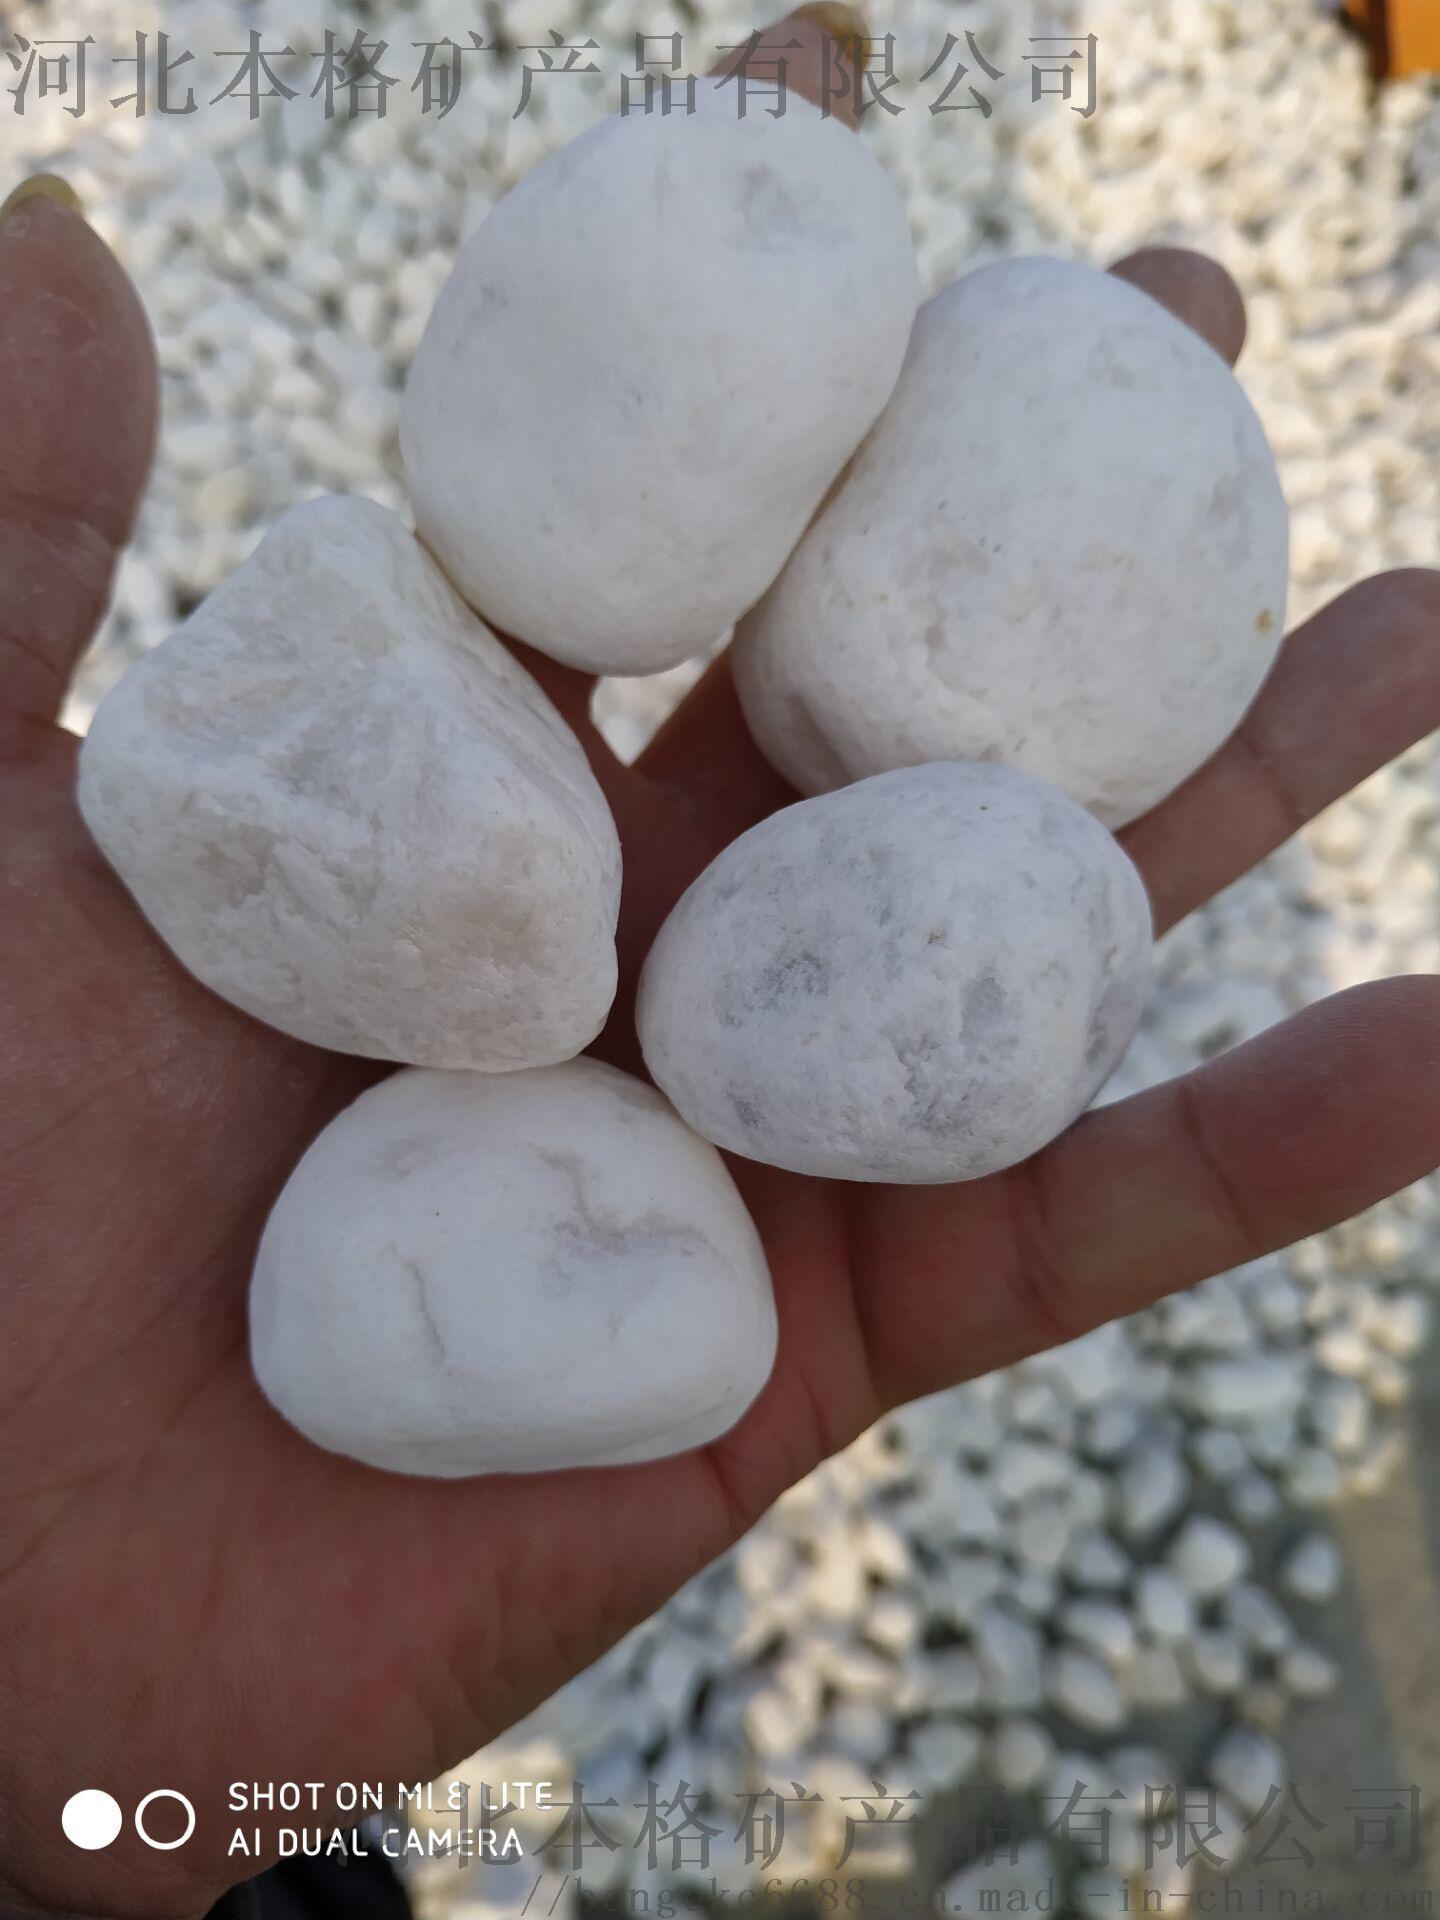 彩色石子价格多少钱一吨 北京颜色彩色石子批发价格92069405